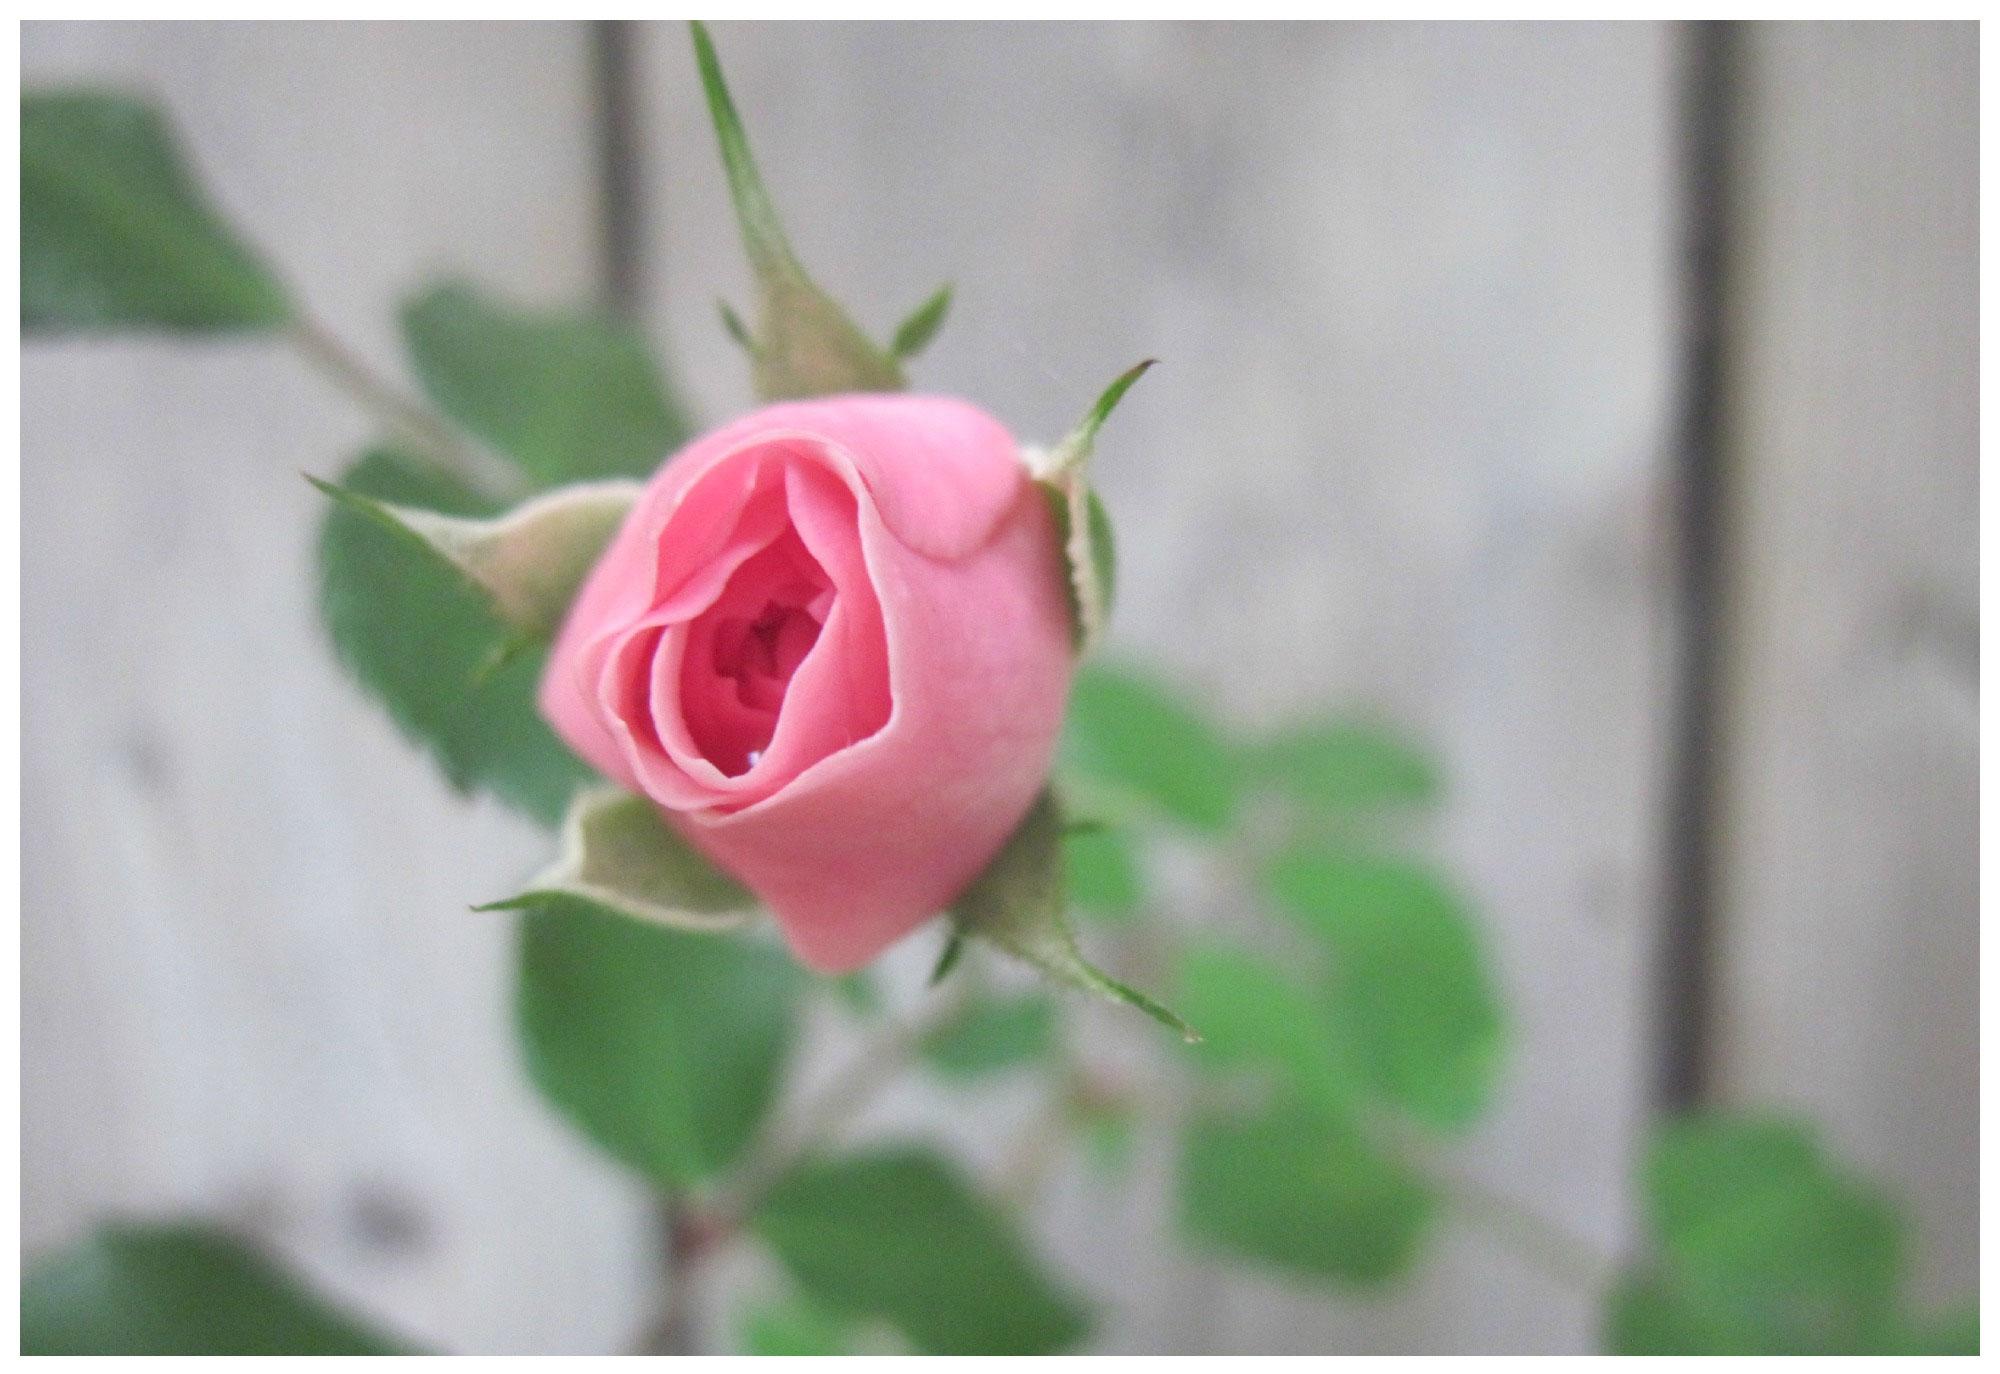 2015 treasure lisa rose amp prescott king - 1 9